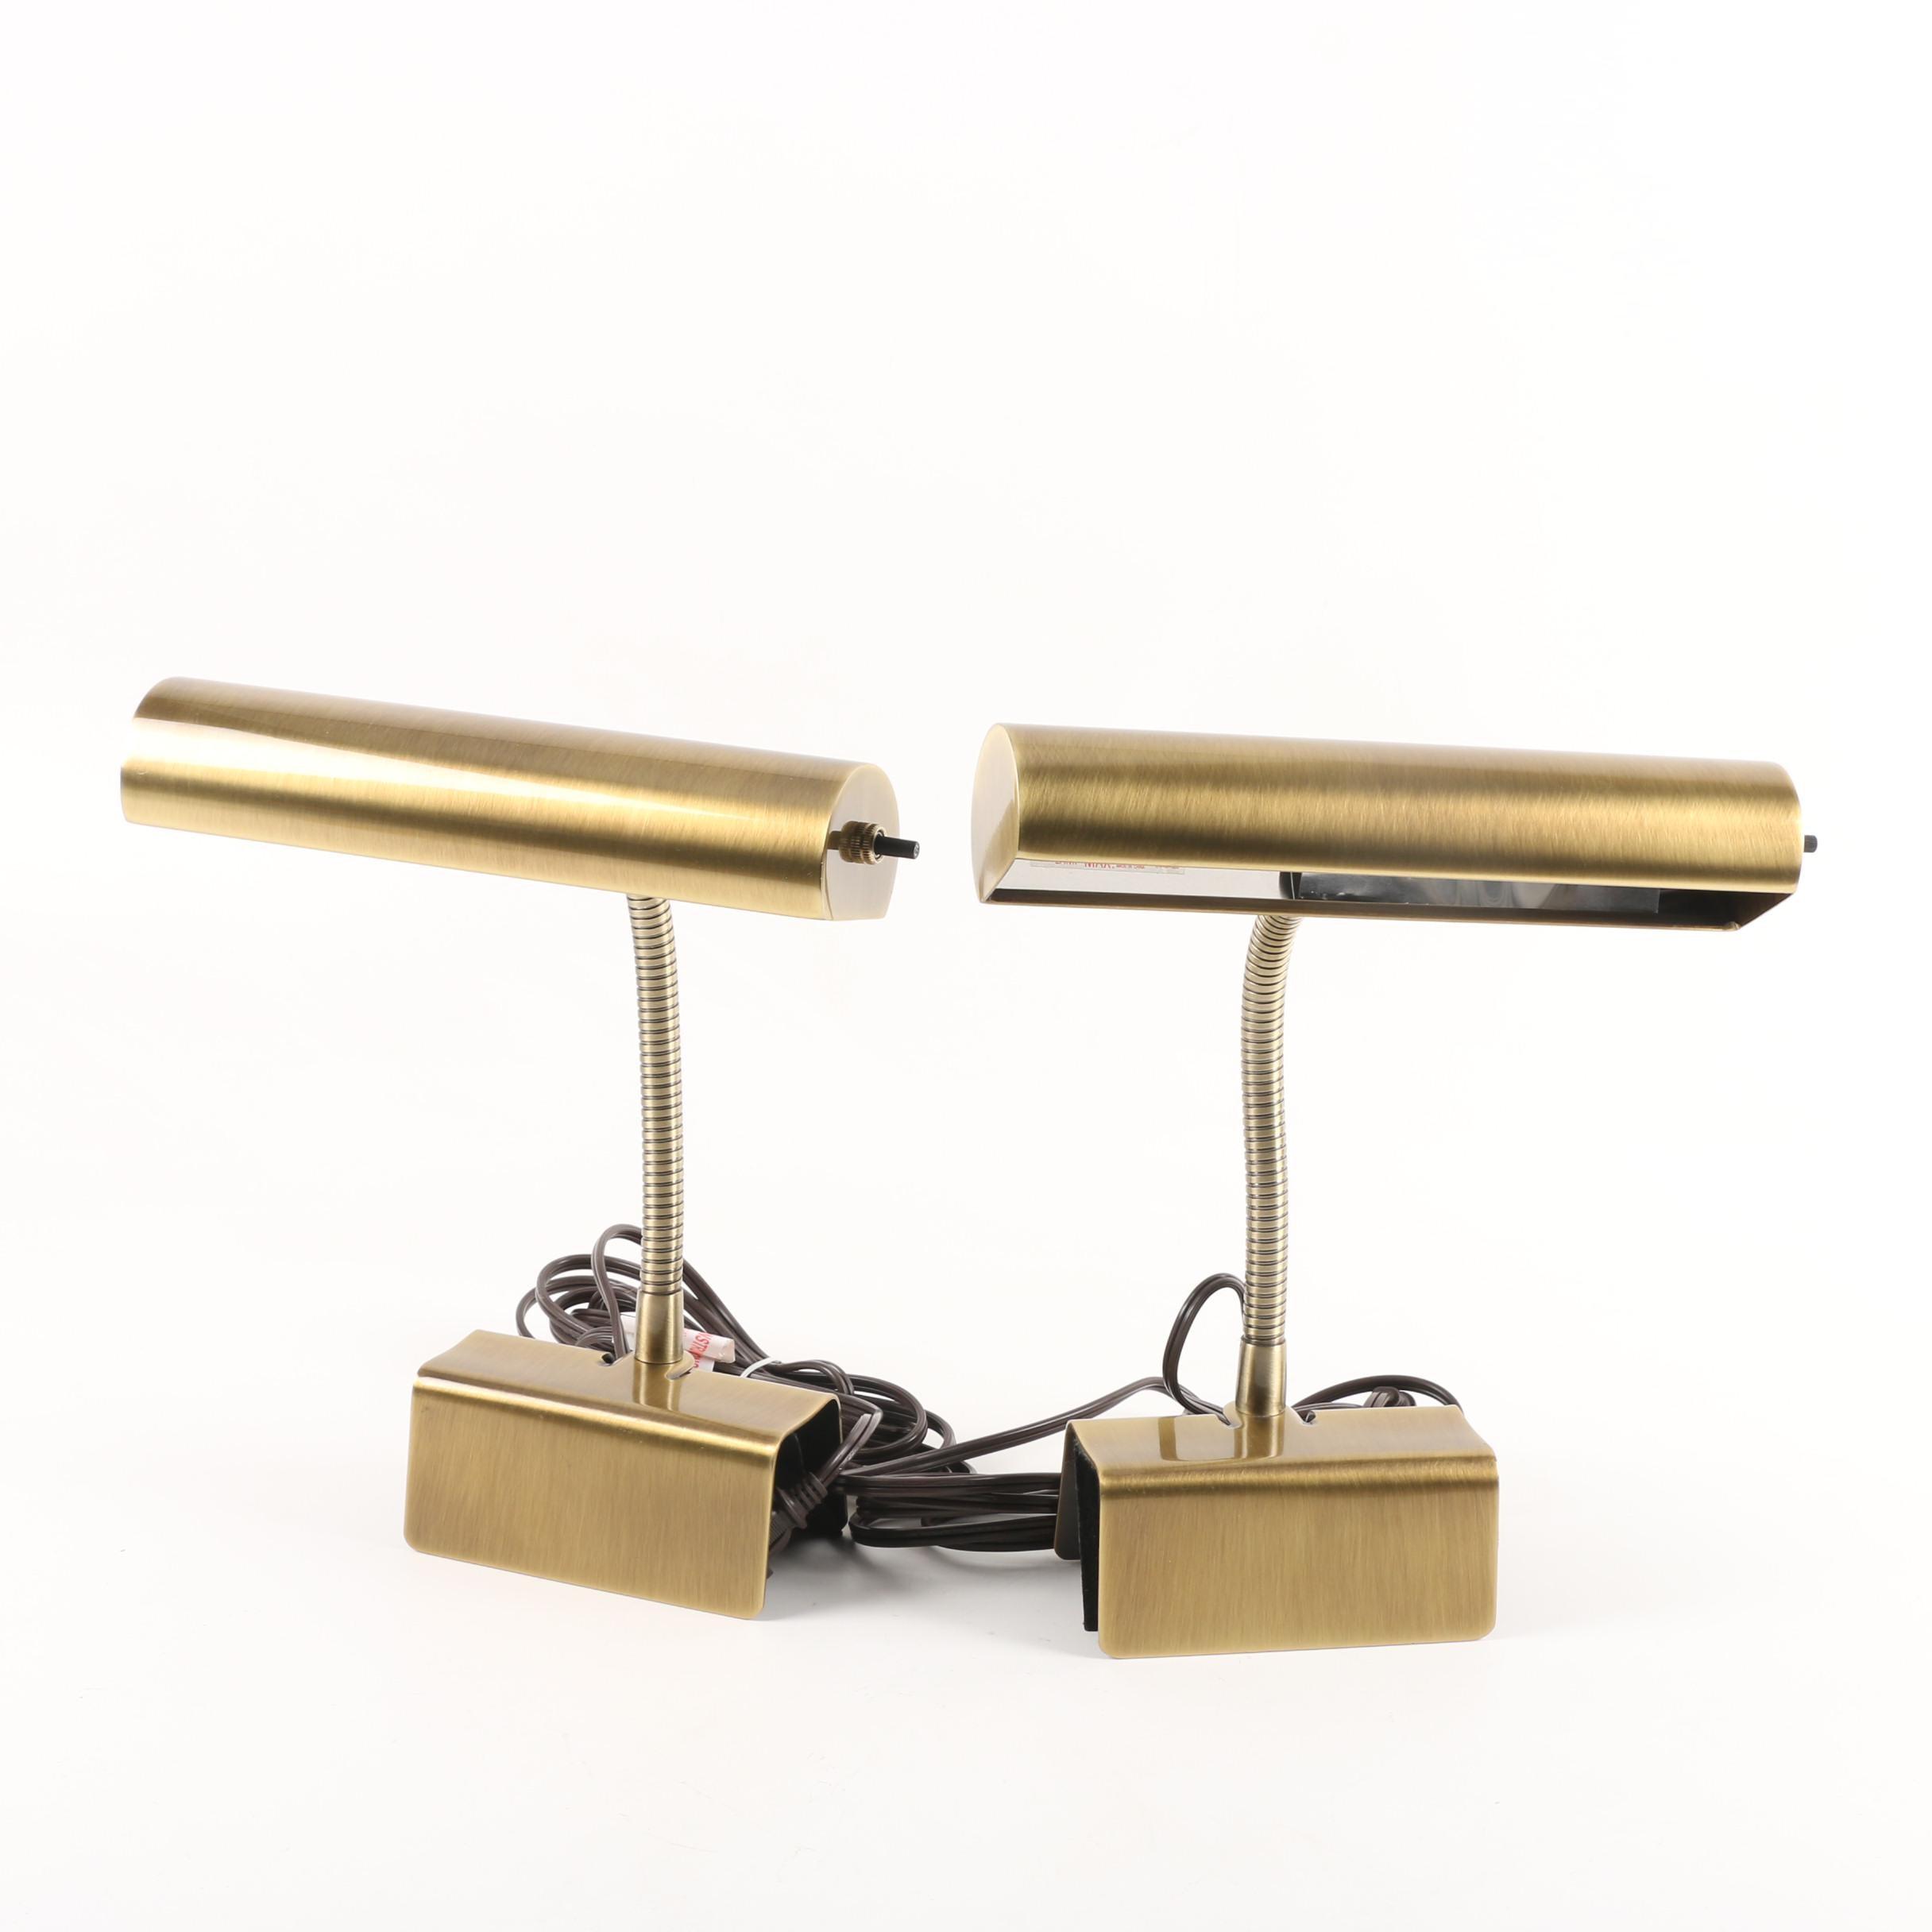 Brushed Brass Finished Metal Gooseneck Clamp Desk Lamps